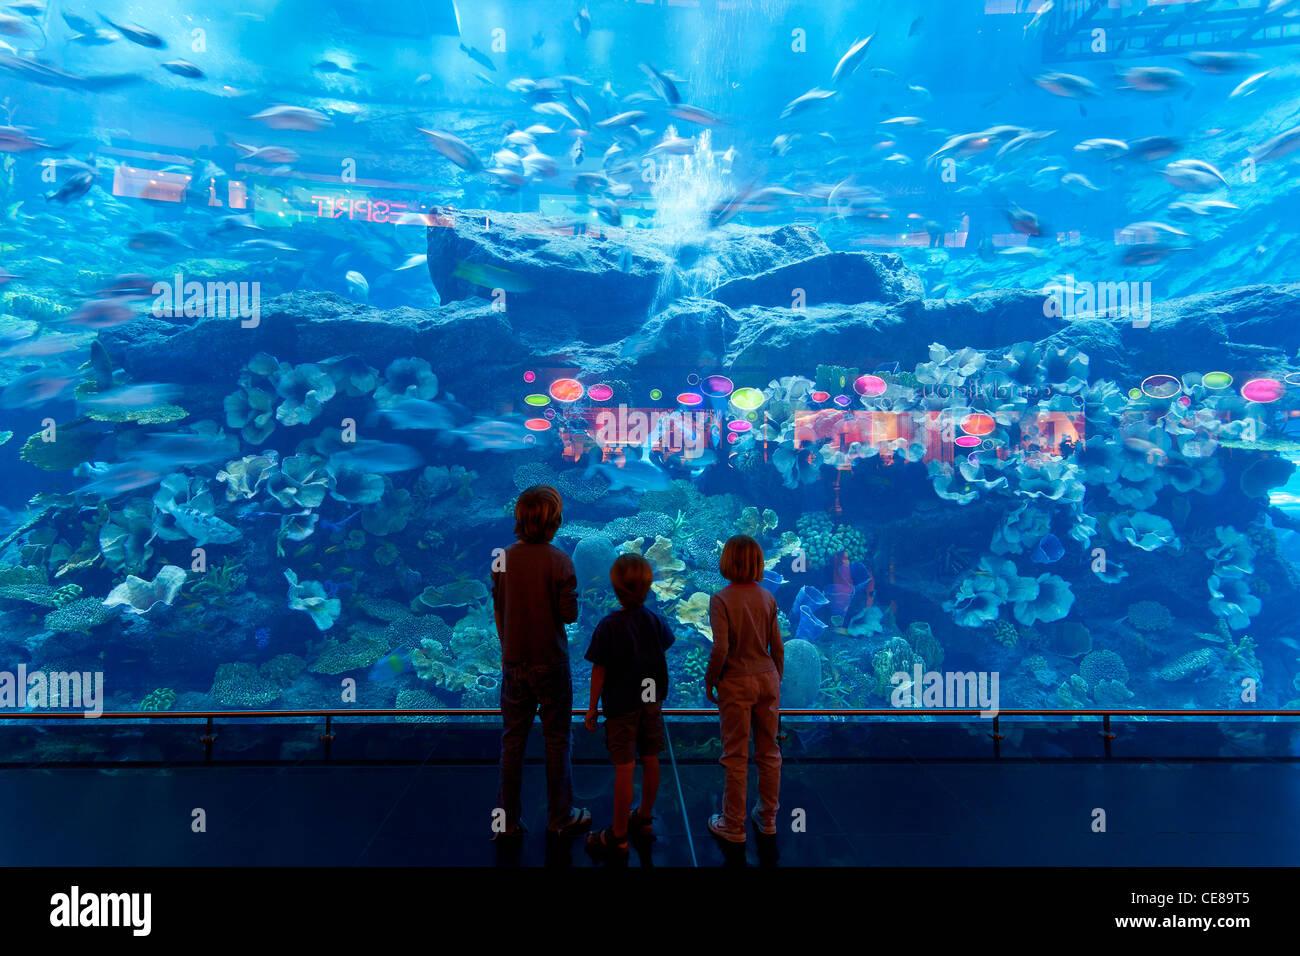 Dubaï, petite foule de visiteurs se rassemblent à fenêtre massive de Dubaï à l'aquarium Photo Stock